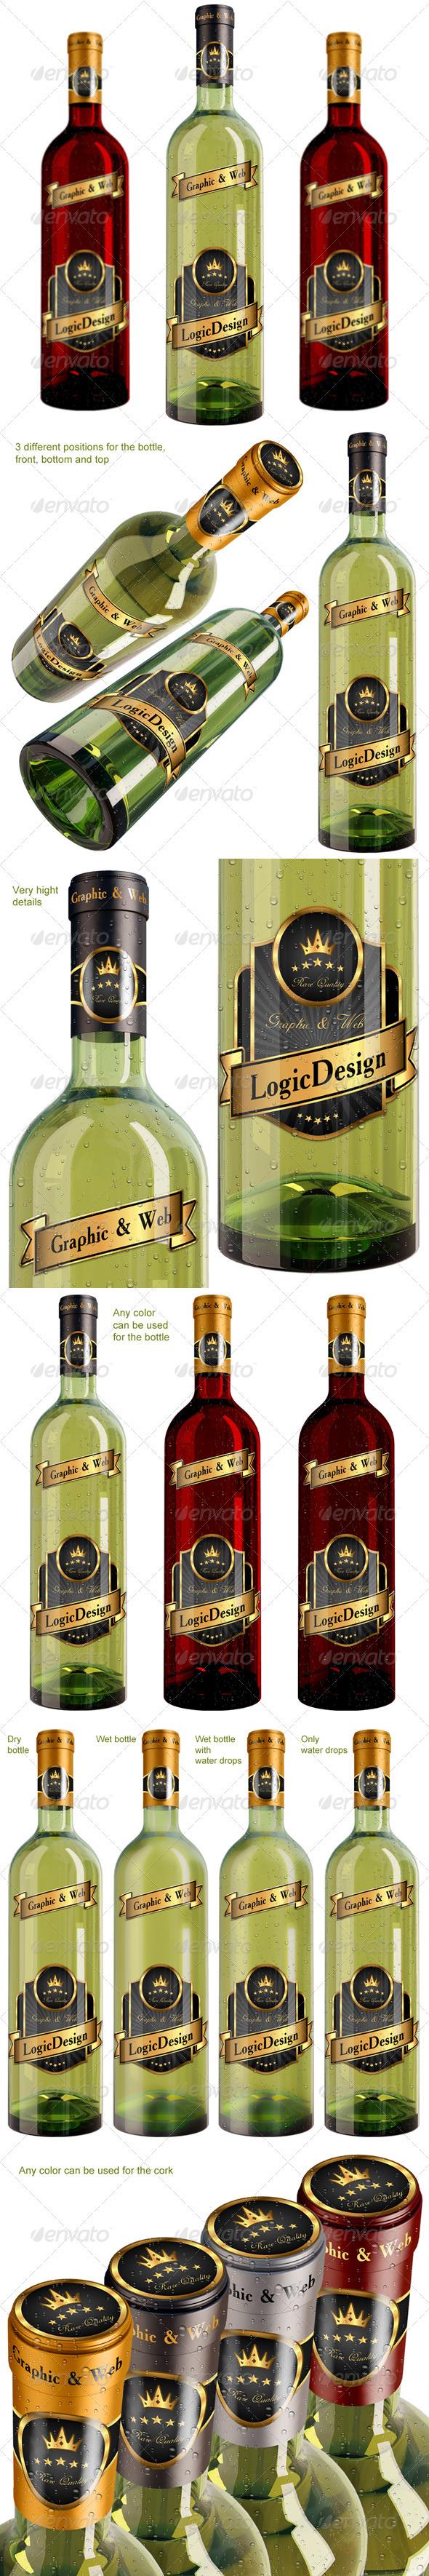 GraphicRiver Bottle Wine Mock Up 1760973